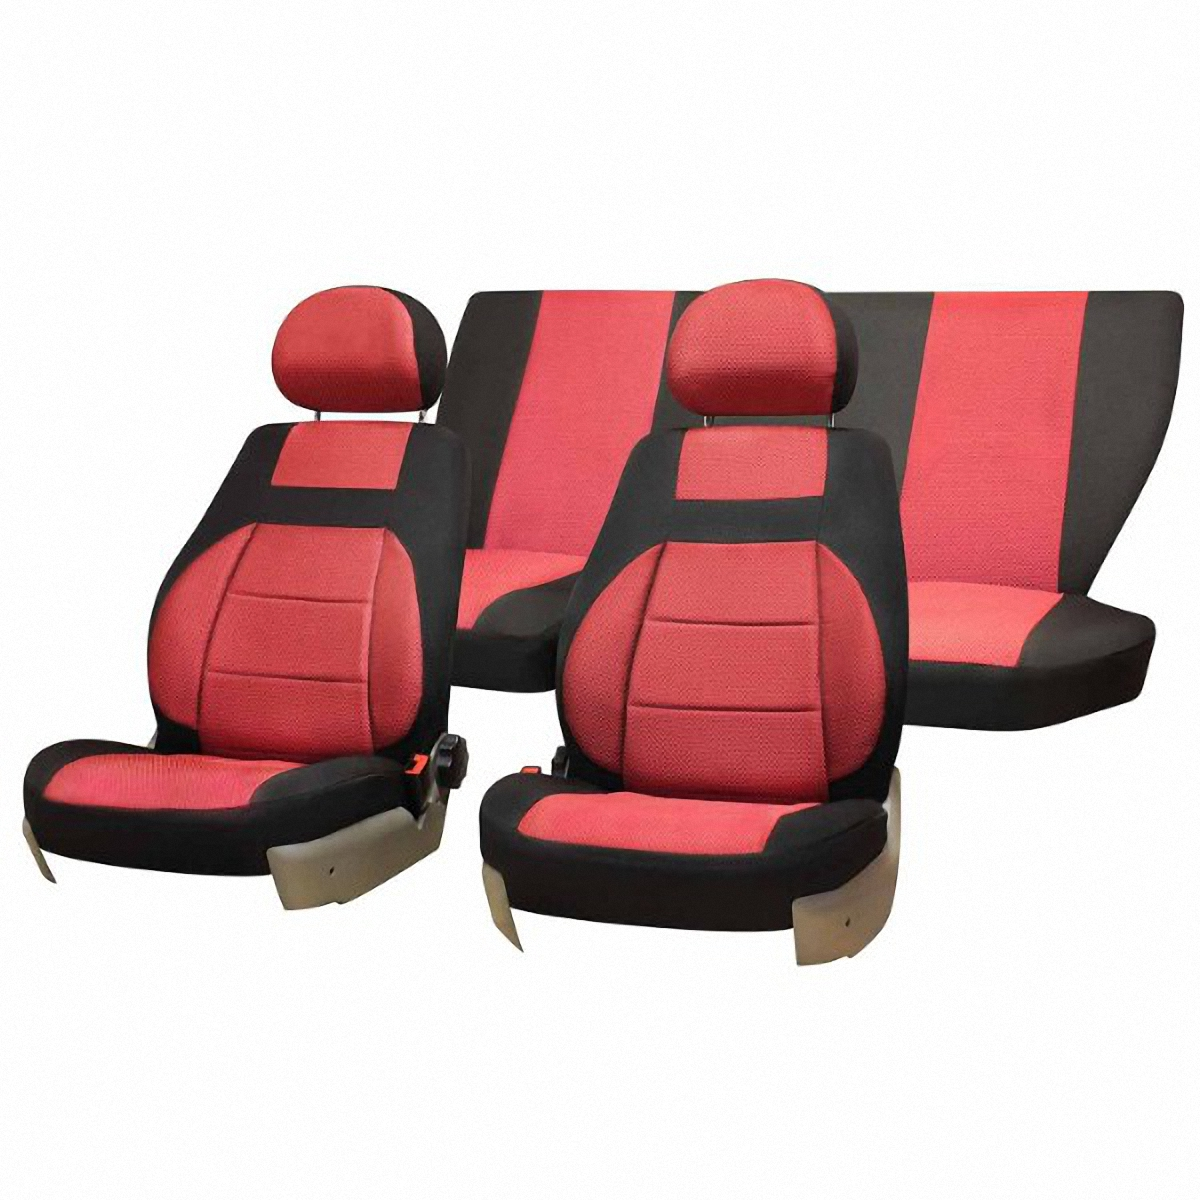 Чехлы автомобильные Skyway, для Lada Granta, цвет: красный, черный54 009318Автомобильные чехлы Skyway изготовлены из качественного жаккарда. Чехлы идеально повторяют штатную форму сидений и выглядят как оригинальная обивка сидений. Разработаны индивидуально для каждой модели автомобиля. Авточехлы Skyway просты в уходе - загрязнения легко удаляются влажной тканью. Чехлы имеют раздельную схему надевания. Заднее сиденье - сплошное.В комплекте 11 предметов.